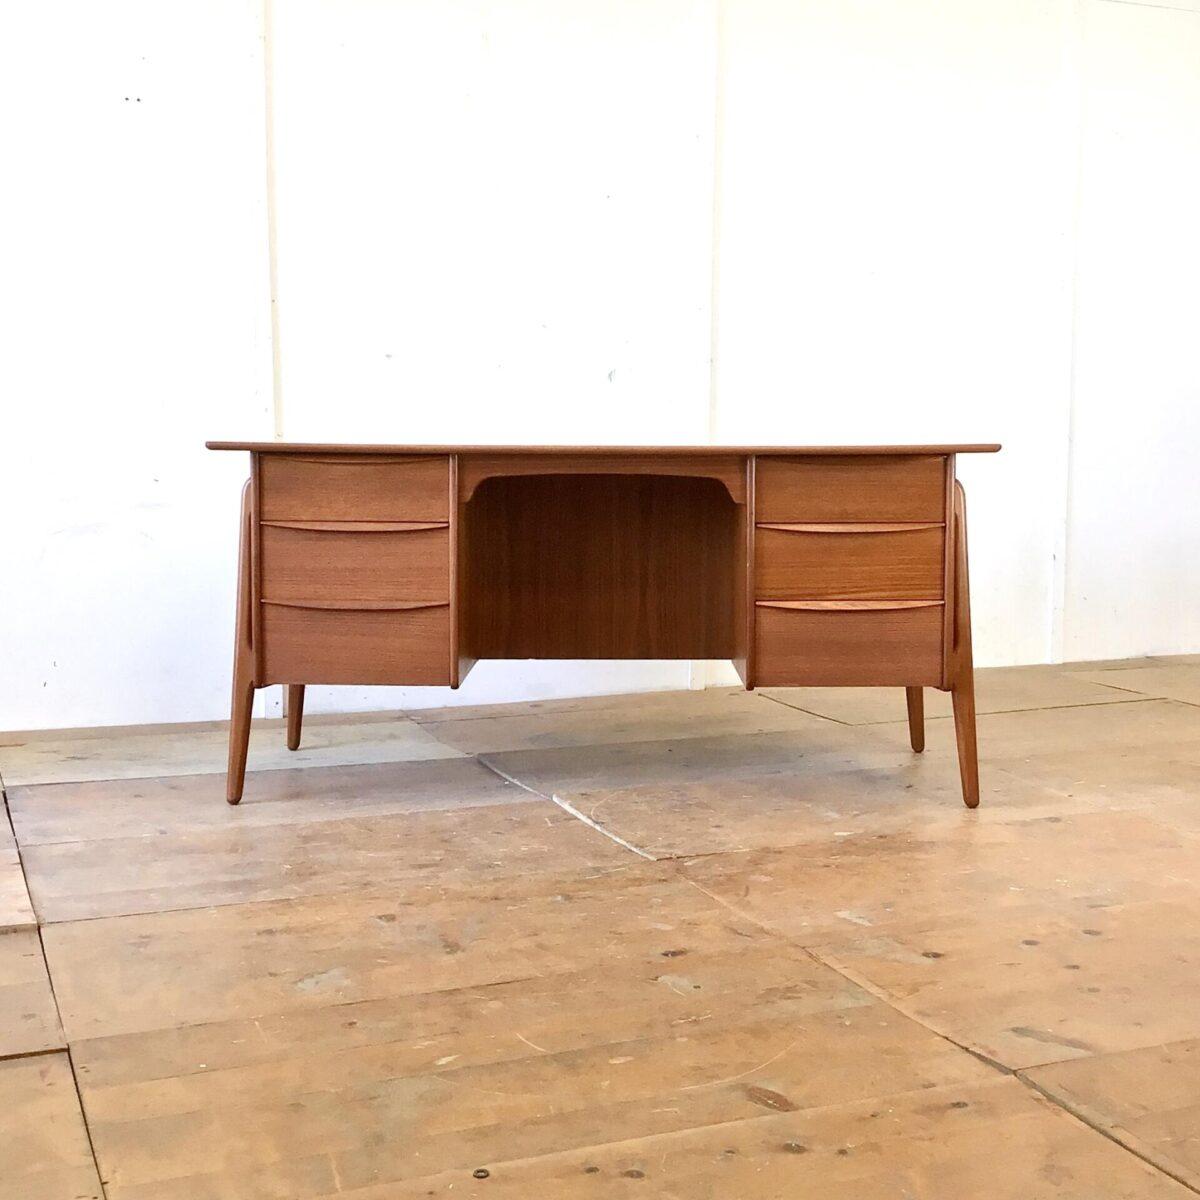 Deuxieme.shop Dänischer Teak Schreibtisch von Svend Åge Madsen für Sigurd Hansen. 156x76cm Höhe 72cm. Dieser Teak Tisch aus den 50er Jahren ist in sehr gutem Zustand und rundherum hochwertig verarbeitet. Einzig auf dem Tischblatt gibt es, im Bereich einer Schreibunterlage, ein farblicher Unterschied.